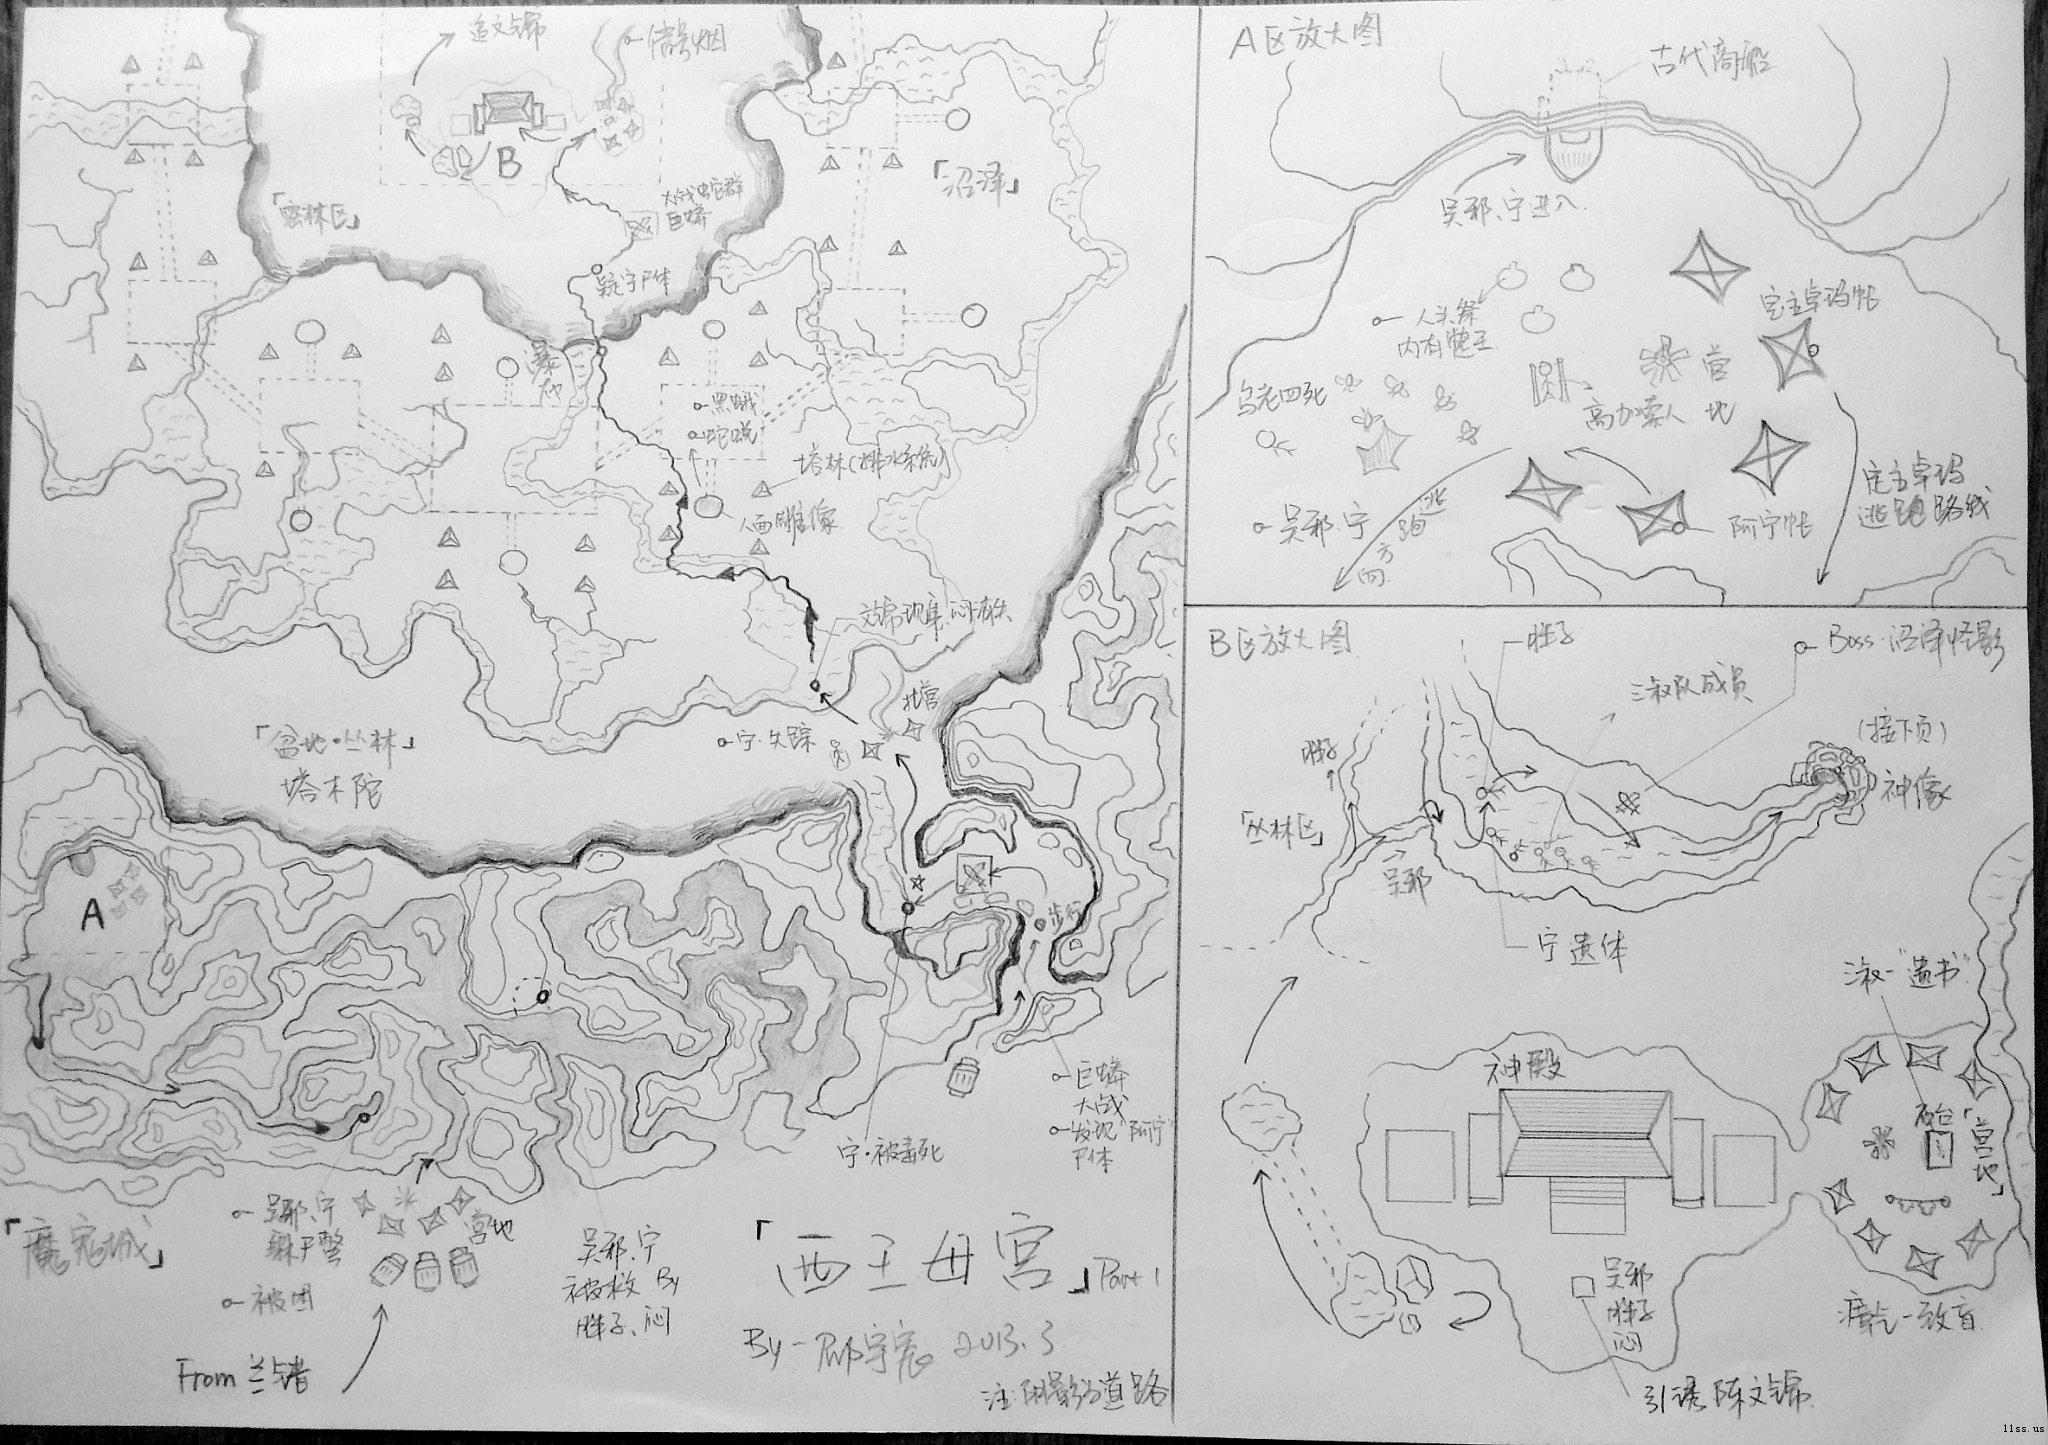 膜拜了,上海一90后绘制出《盗墓笔记》全套地图